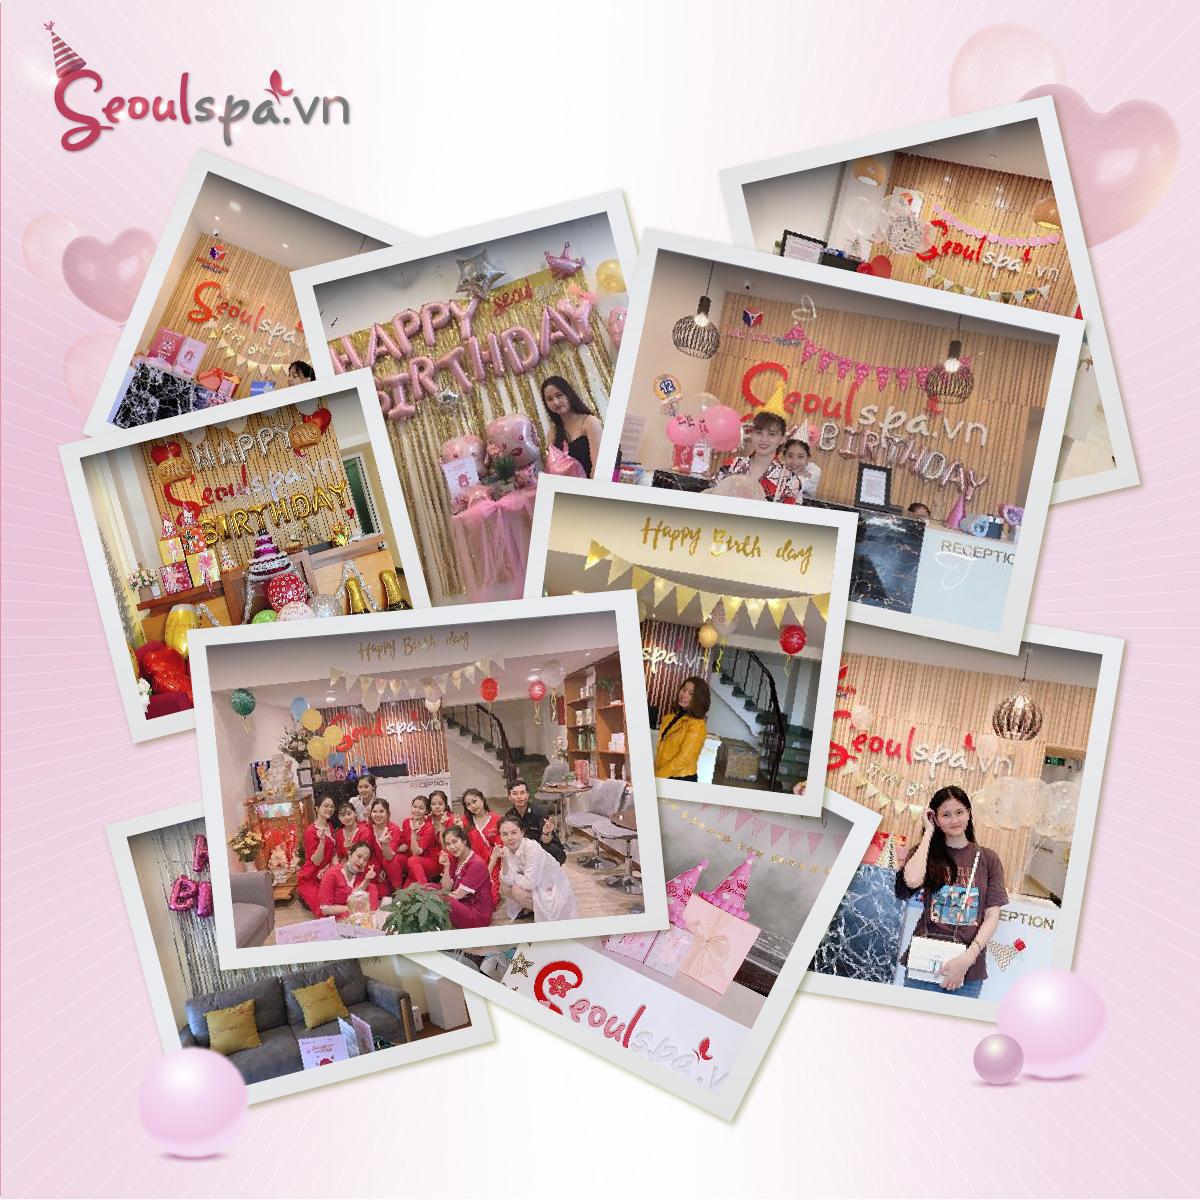 Seoul Spa bùng nổ siêu ưu đãi với quà tặng lên đến 3 tỷ đồng - Ảnh 3.